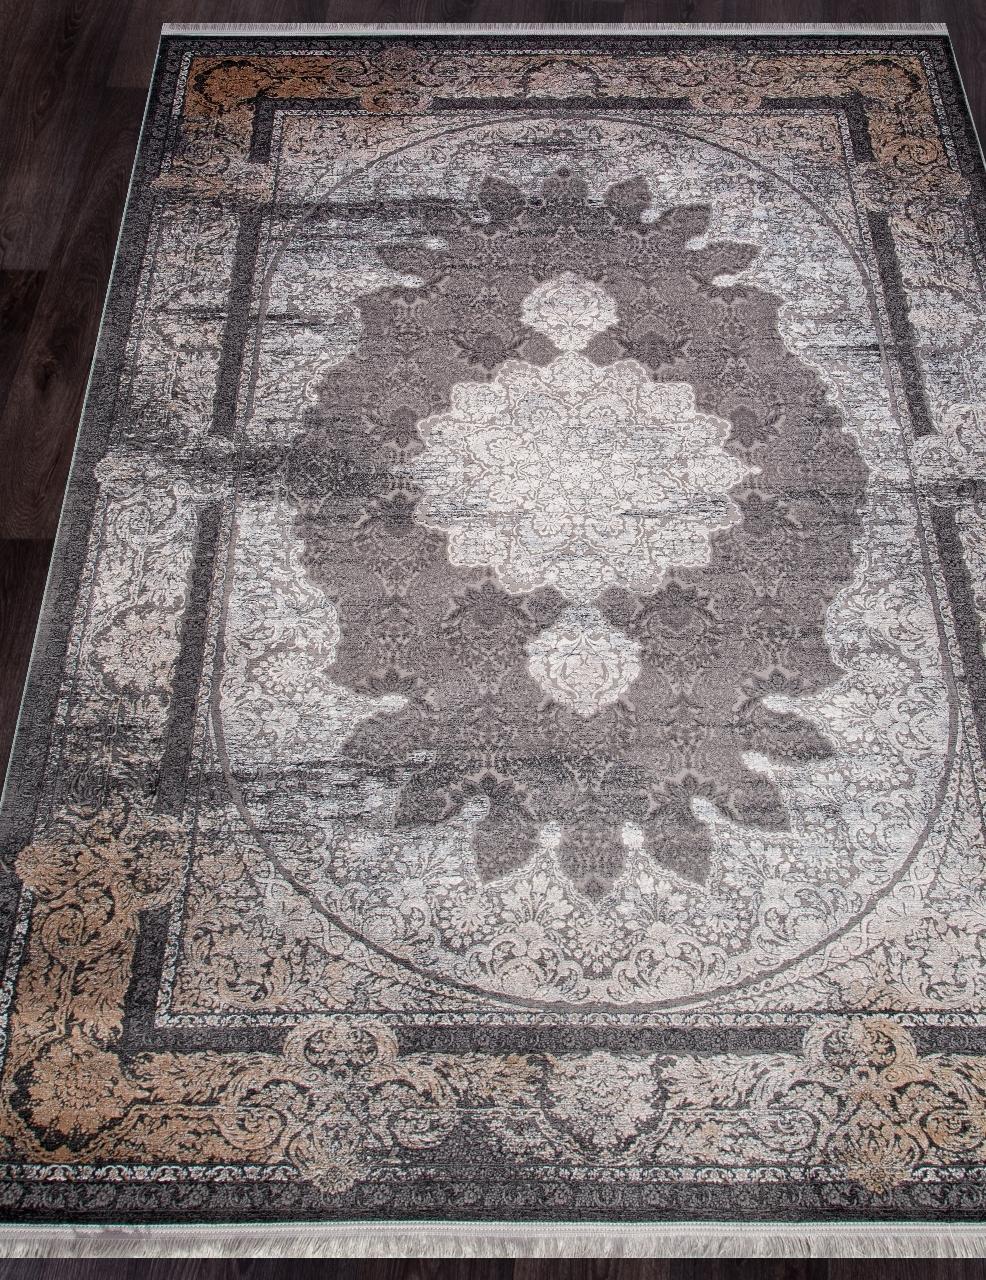 Ковер 9031 - 000 - Прямоугольник - коллекция MUSKAT 1200